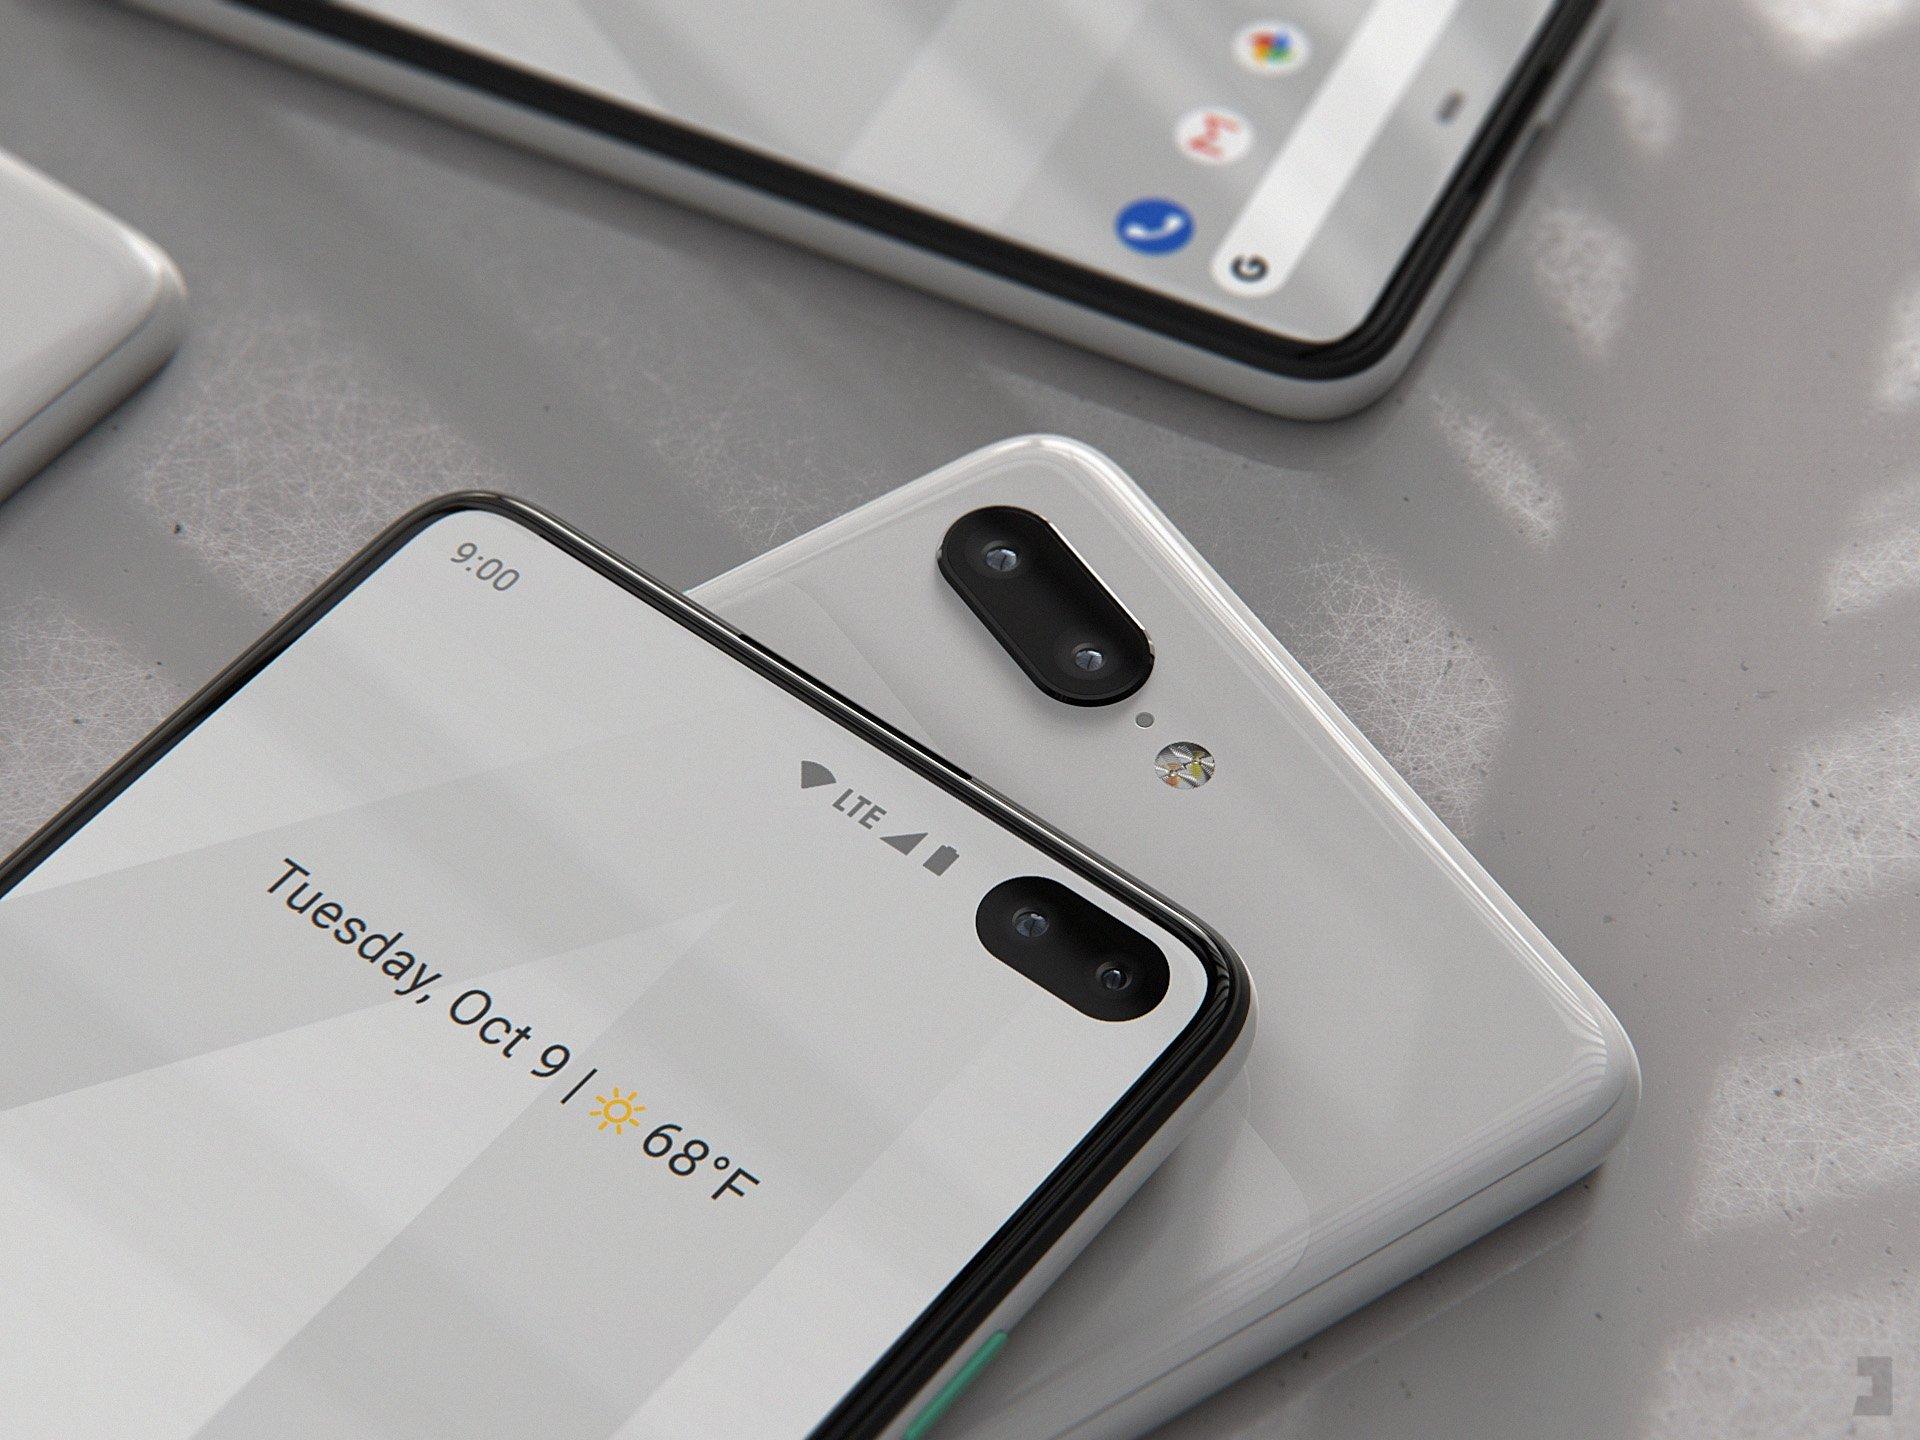 Pixel 4 : Google abandonnerait les boutons physiques